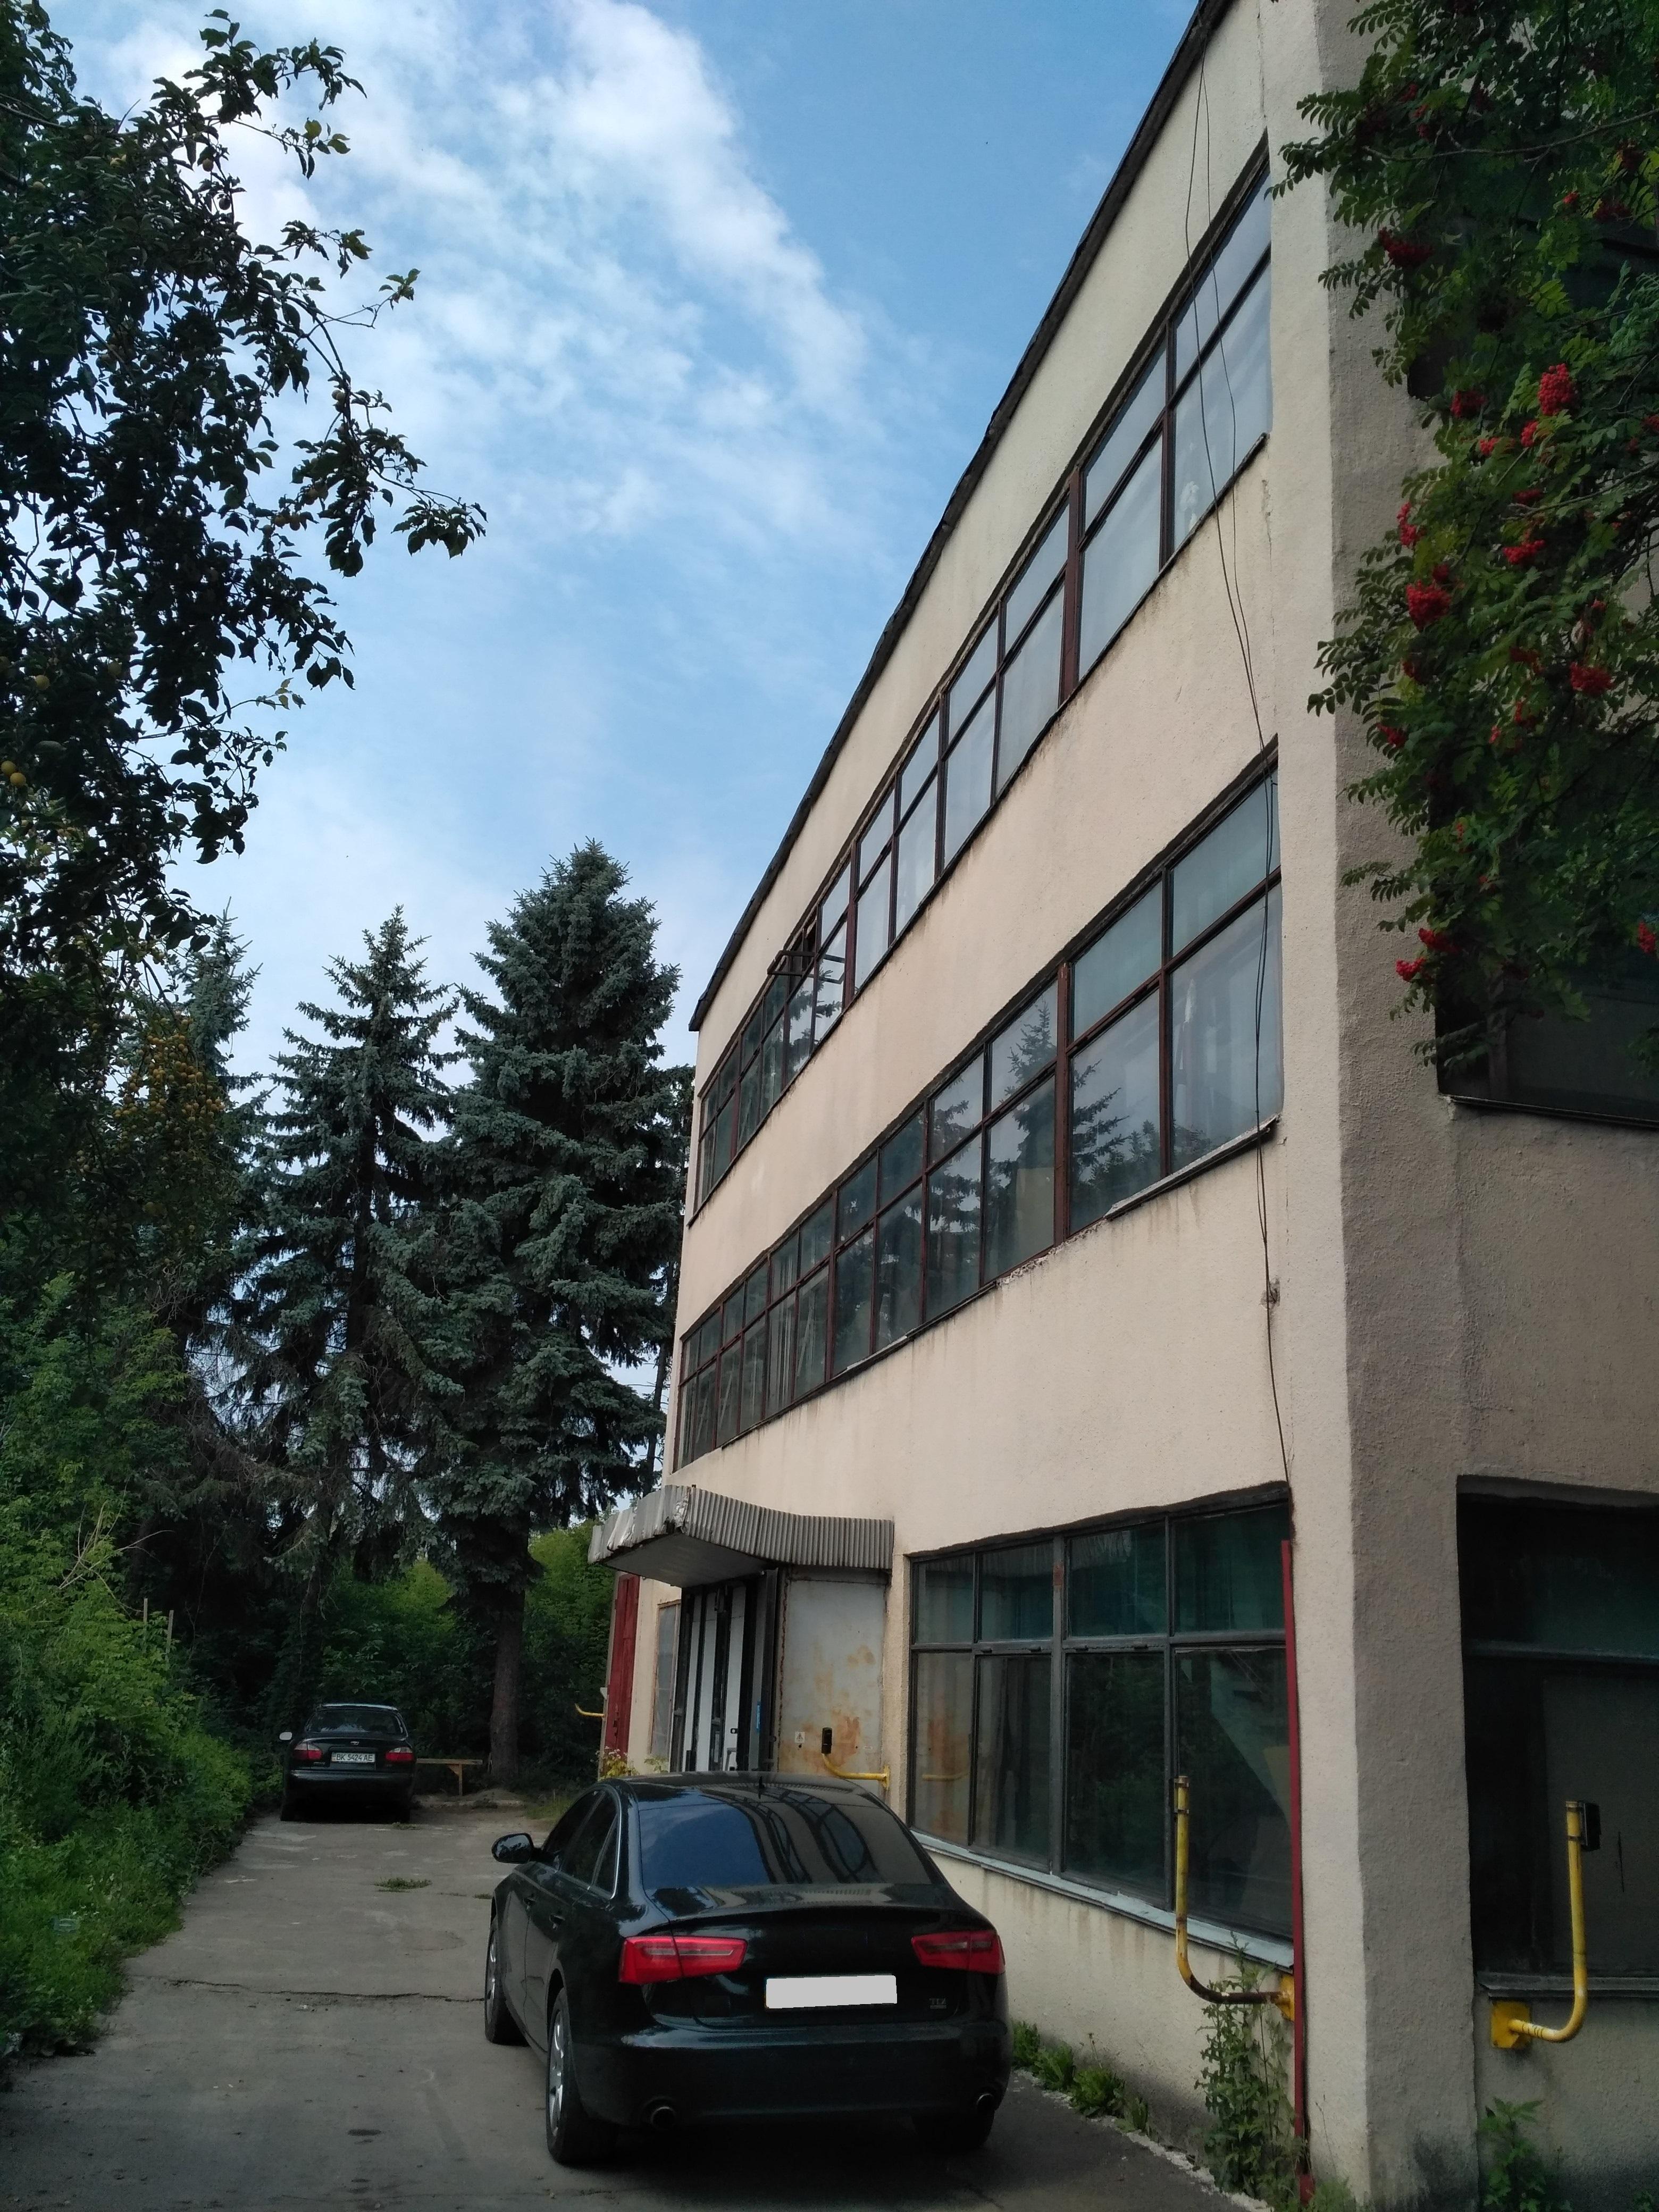 Нежитлове приміщення в м. Рівне, площею 17,8 кв. м